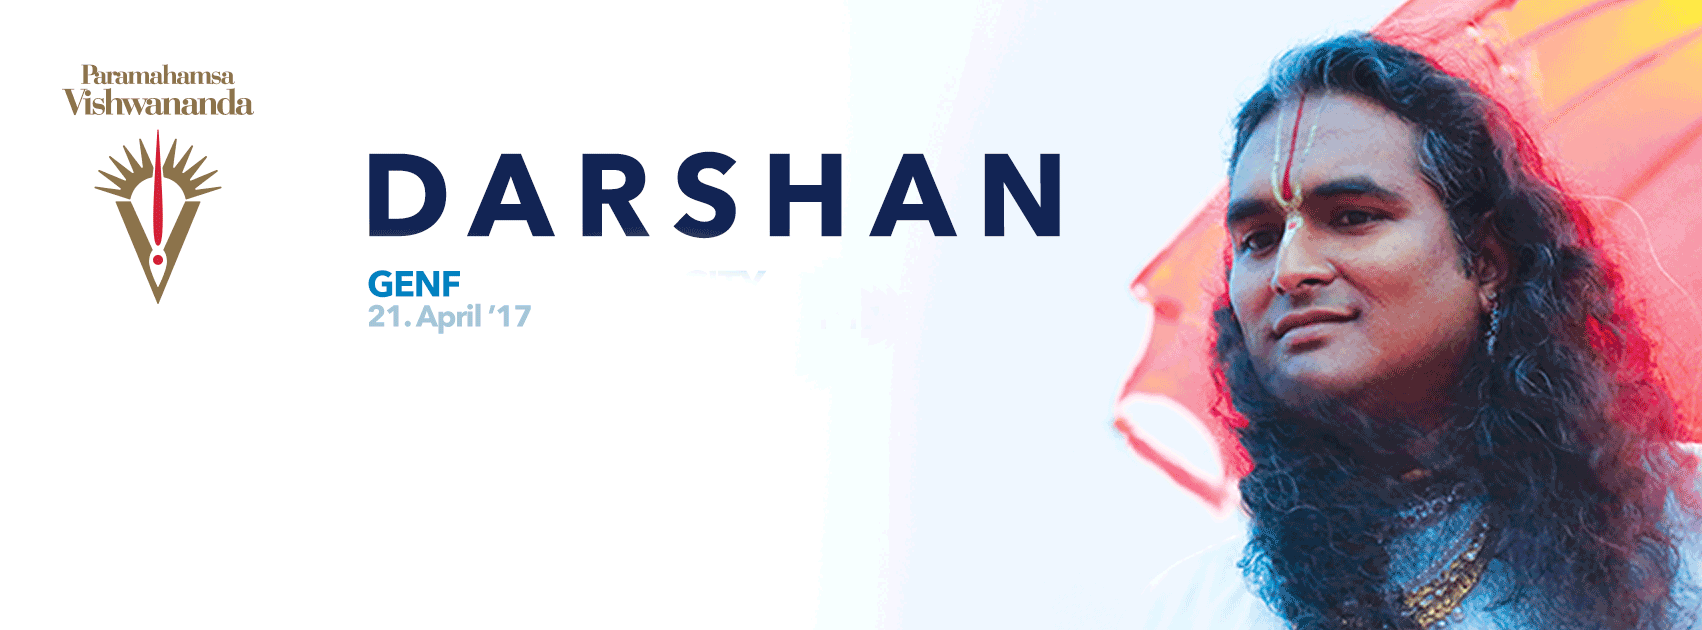 Darshan DE Web